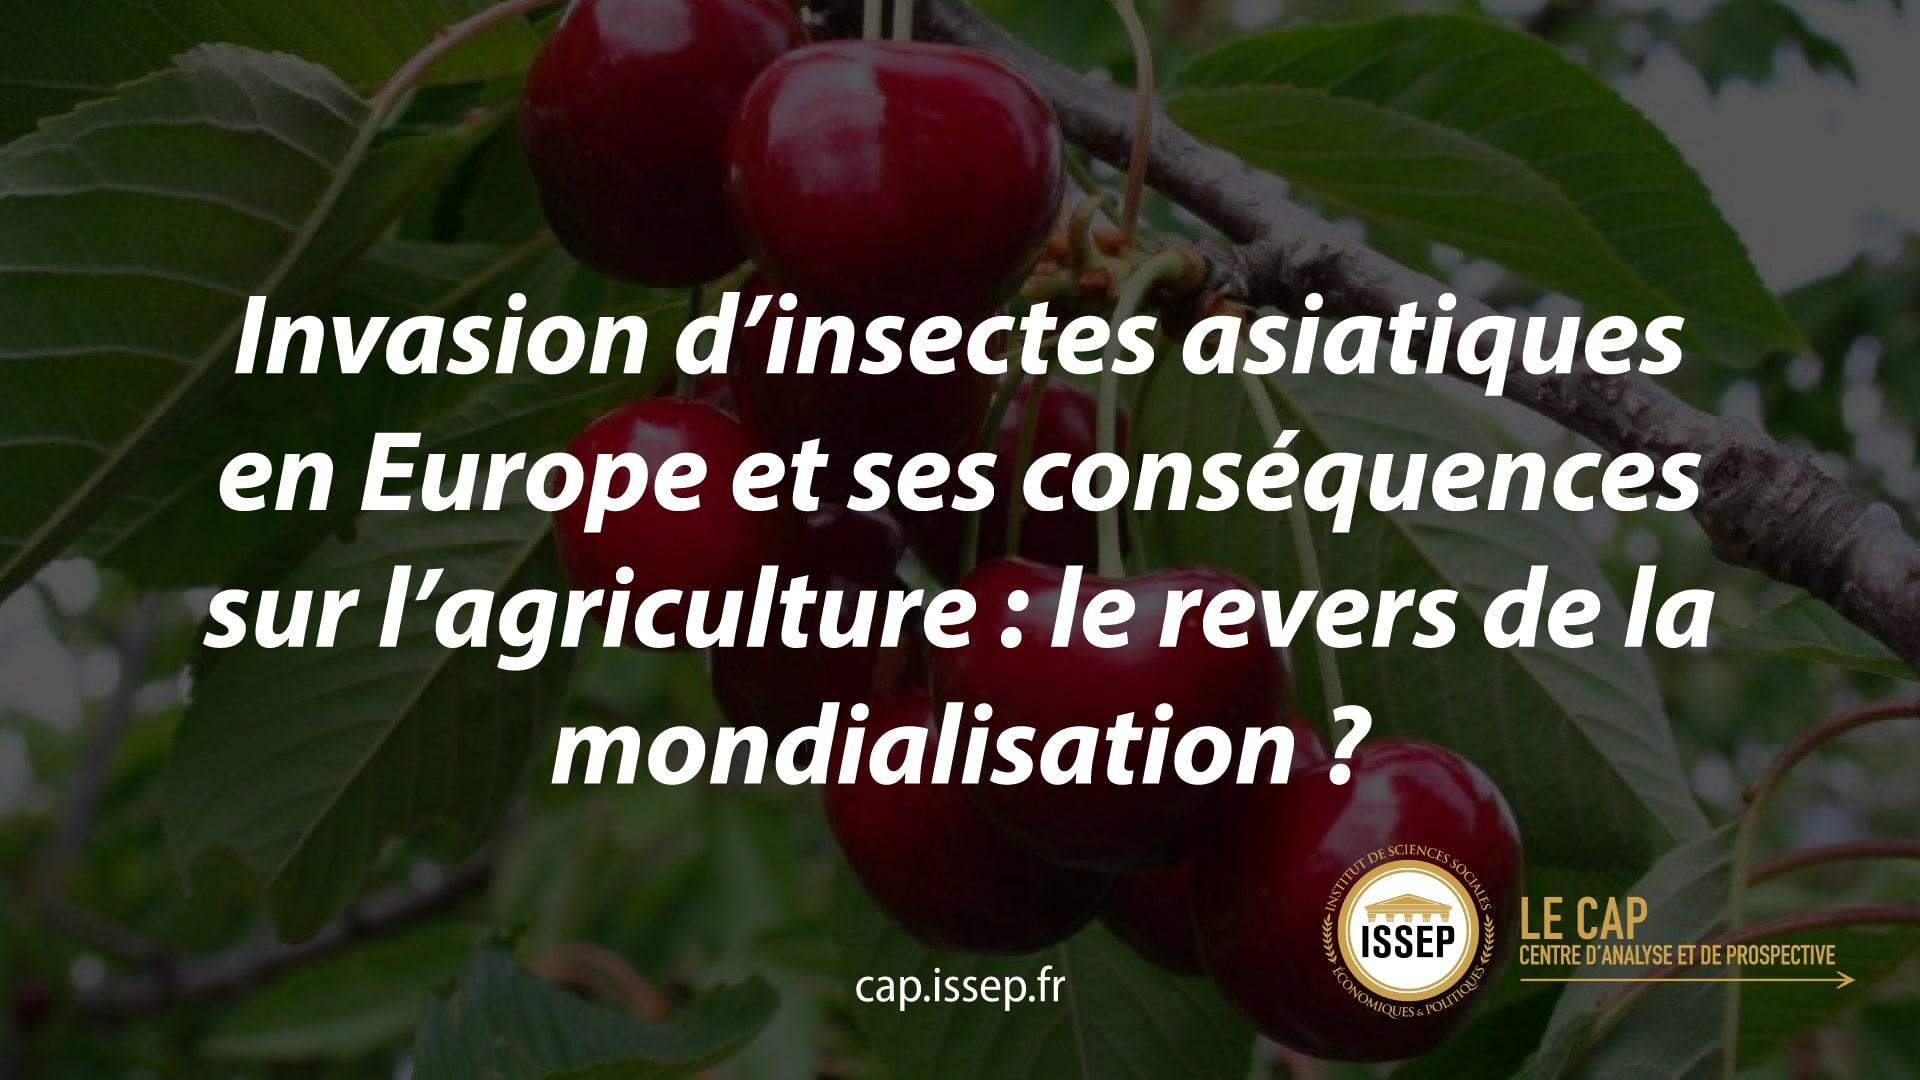 Note d'actualité | Invasion d'insectes asiatiques en Europe et ses conséquences sur l'agriculture : le revers de la mondialisation ? | CAP de l'ISSEP